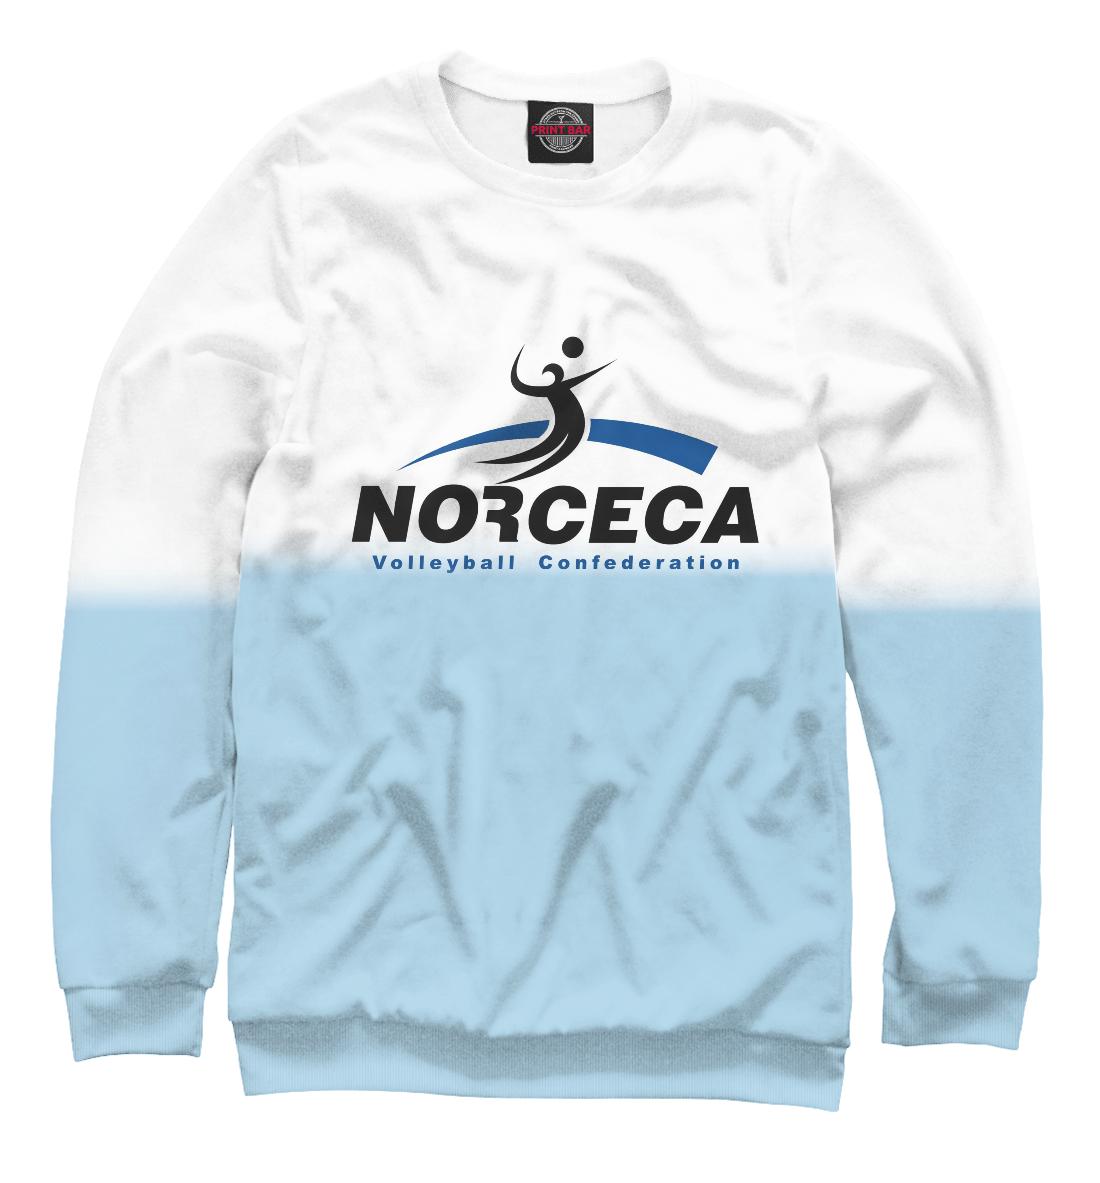 Купить Norceca volleyball confederation, Printbar, Свитшоты, VLB-281557-swi-2